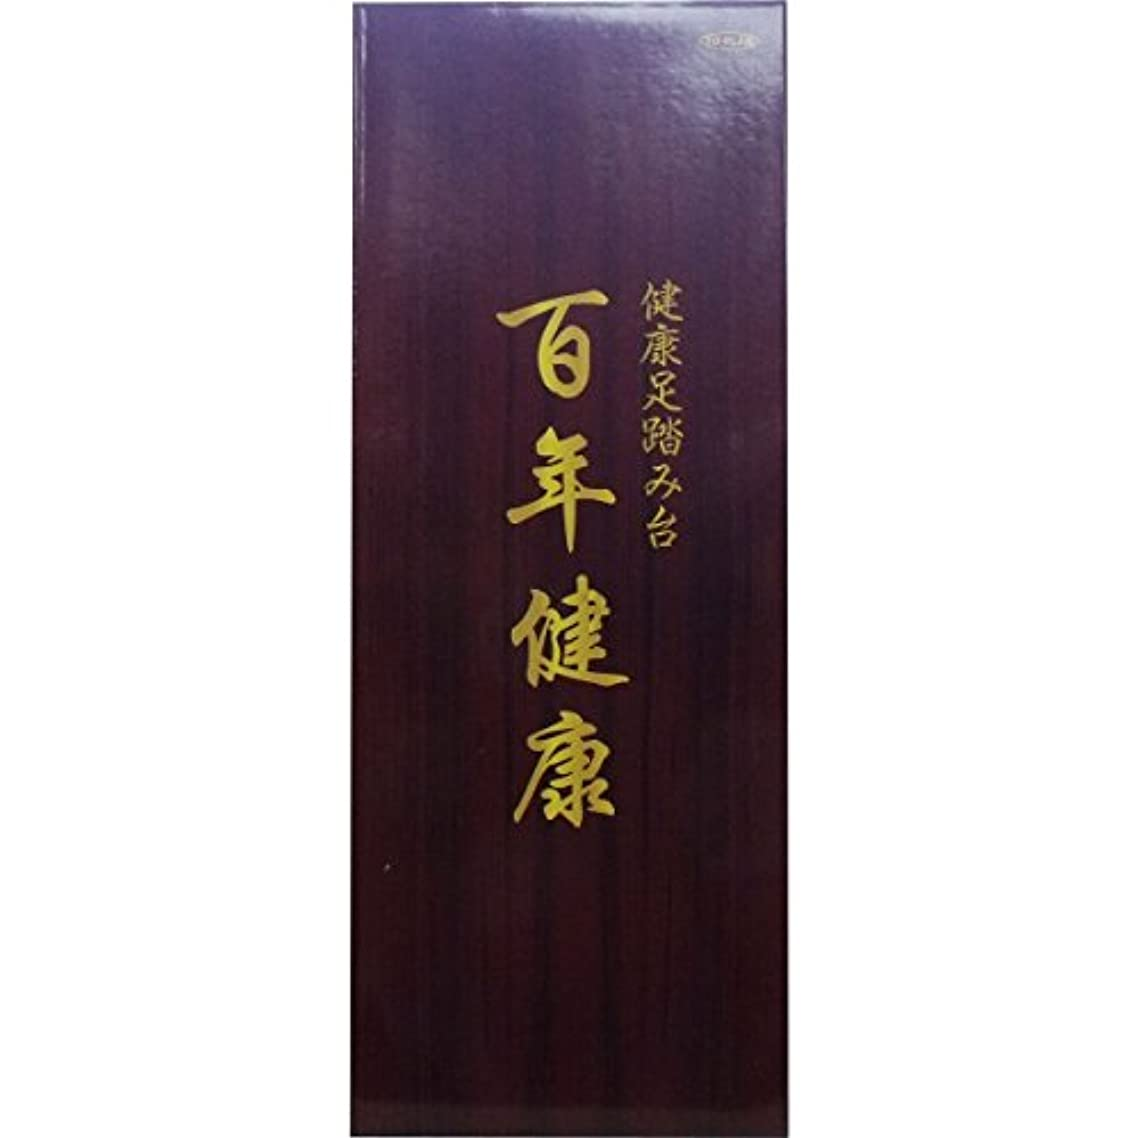 除去国旗バイバイ【お徳用 2 セット】 健康足踏み台 百年健康×2セット